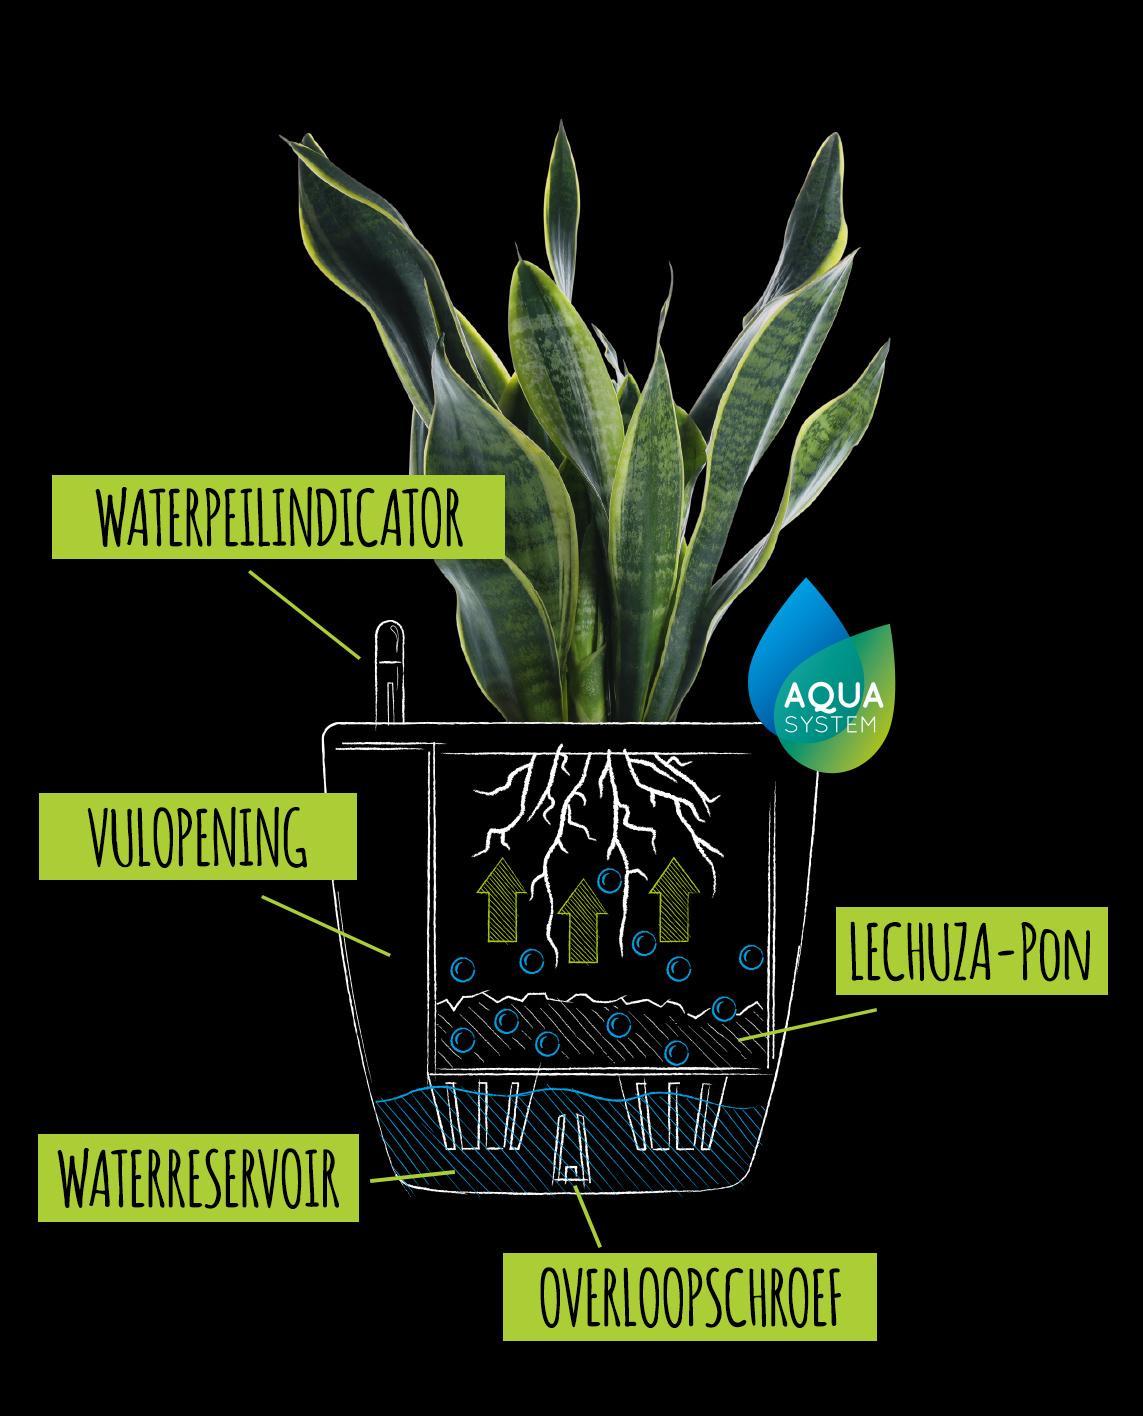 Tekening met uitleg over het klassieke irrigatiesysteem